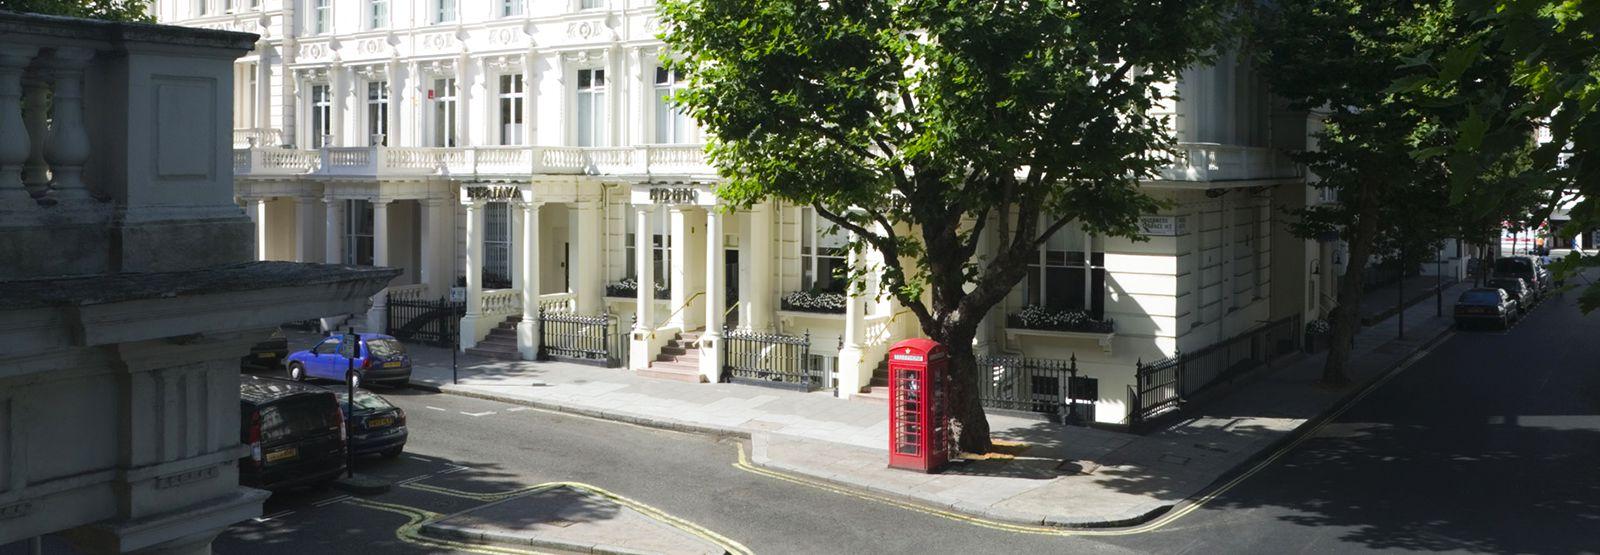 Berjaya Hotel Eden Park London